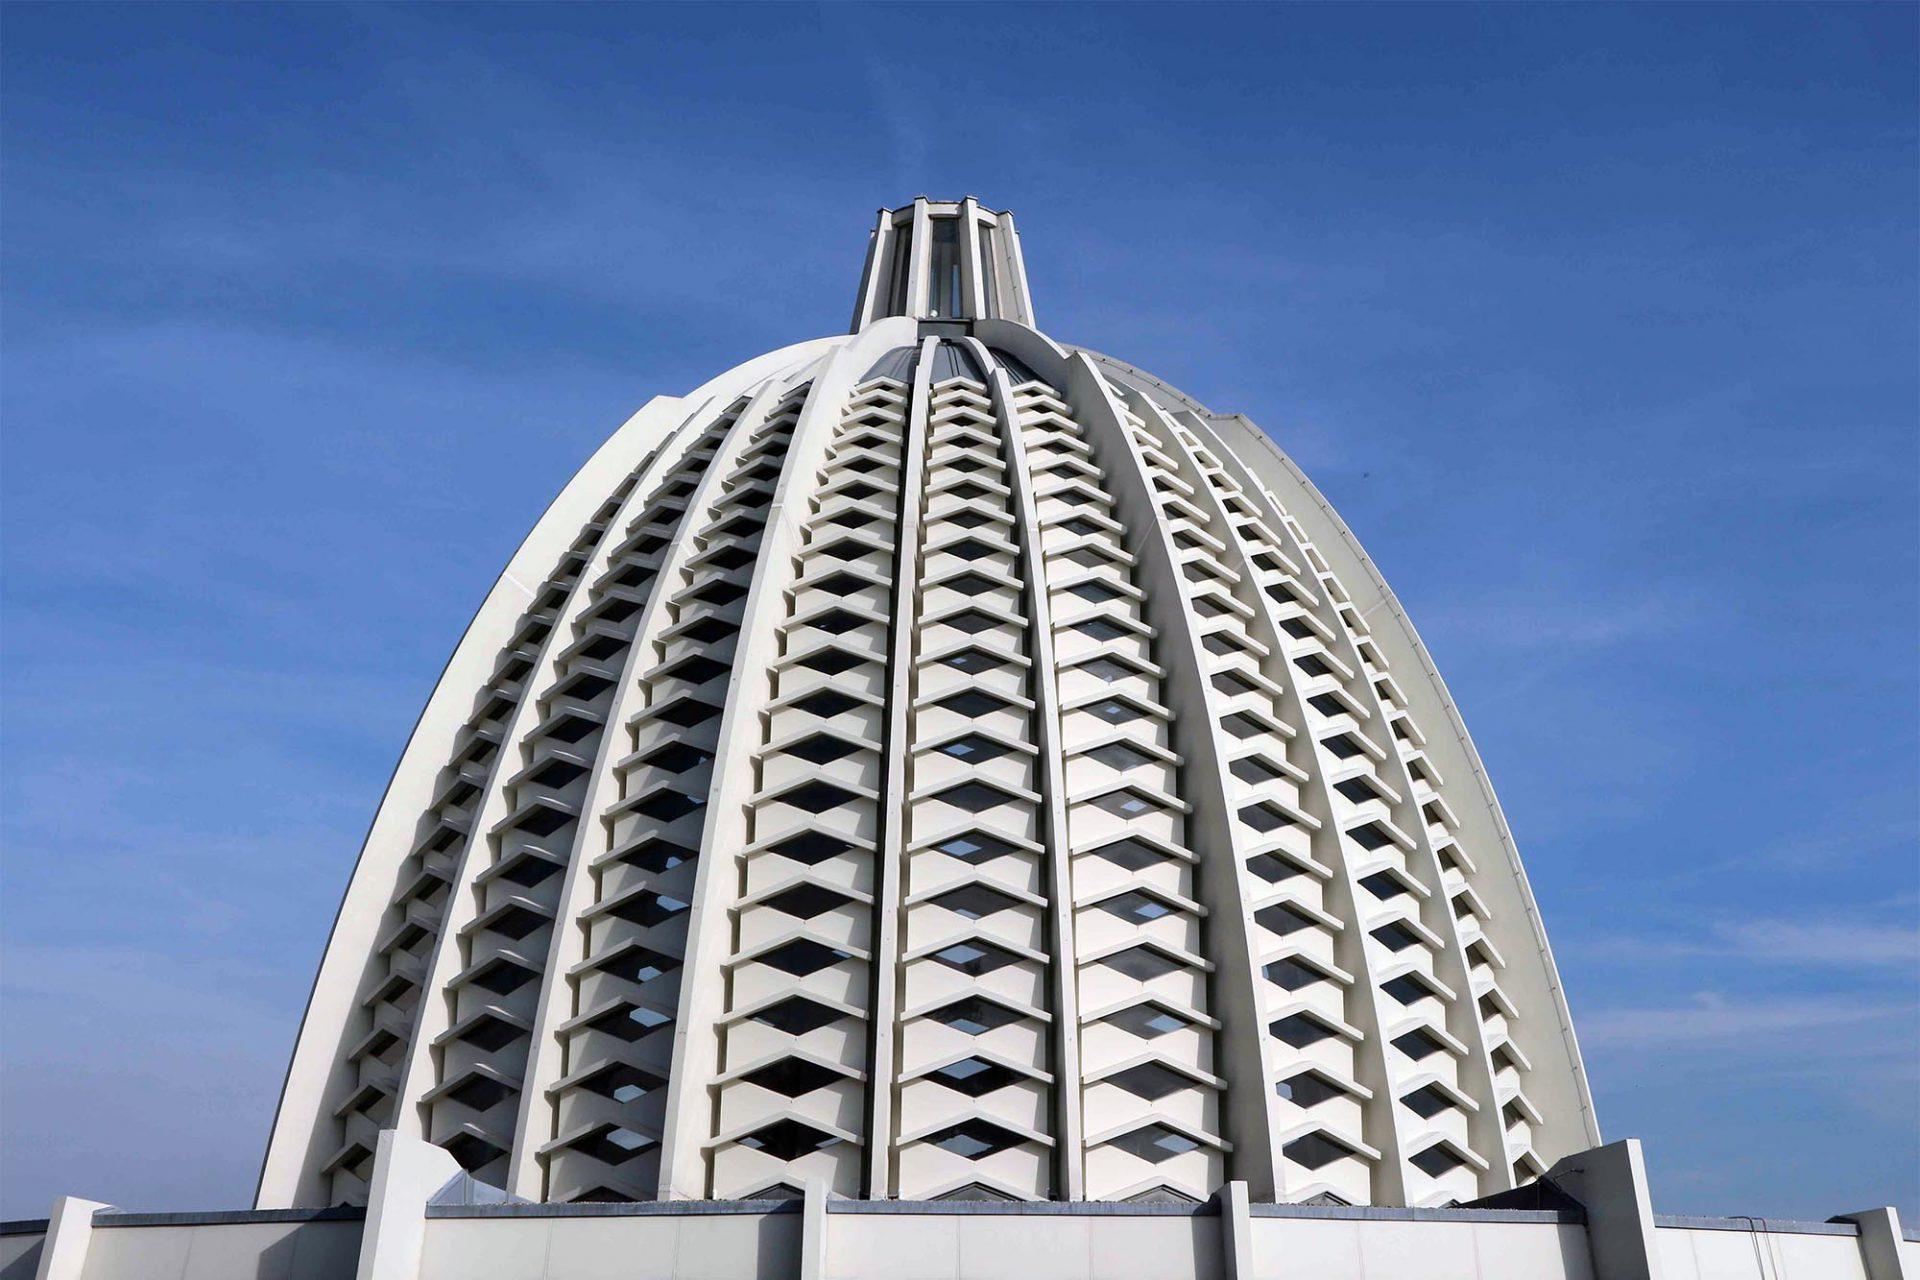 Die Kuppel. Die elliptische Kuppel misst im Inneren eine Höhe von 28 Metern.